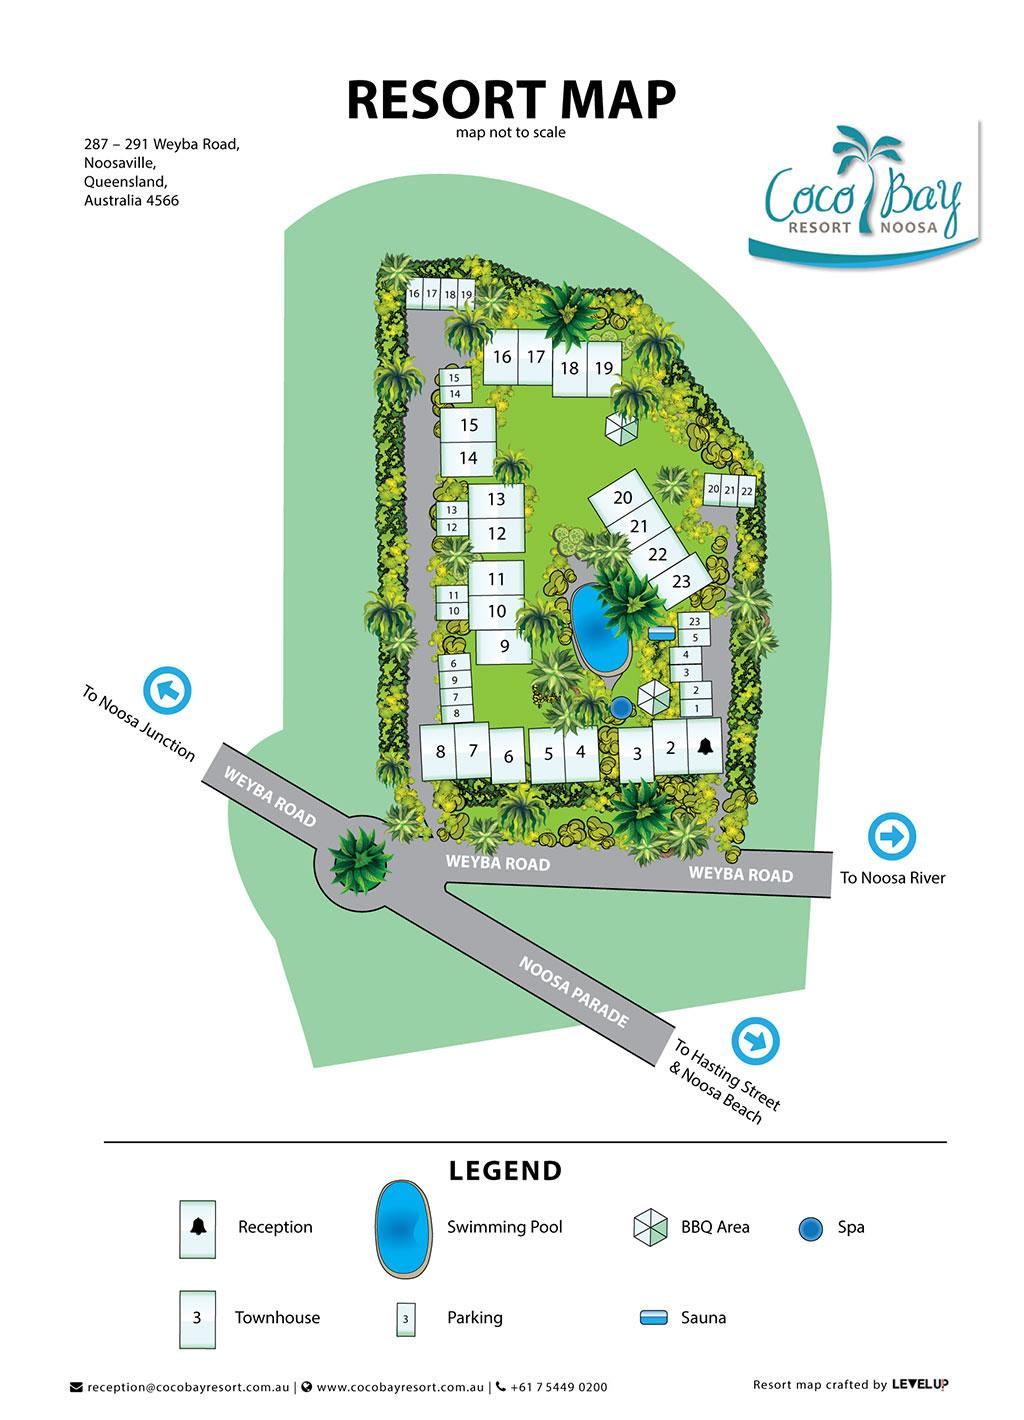 Our Resort – COCO BAY RESORT NOOSA